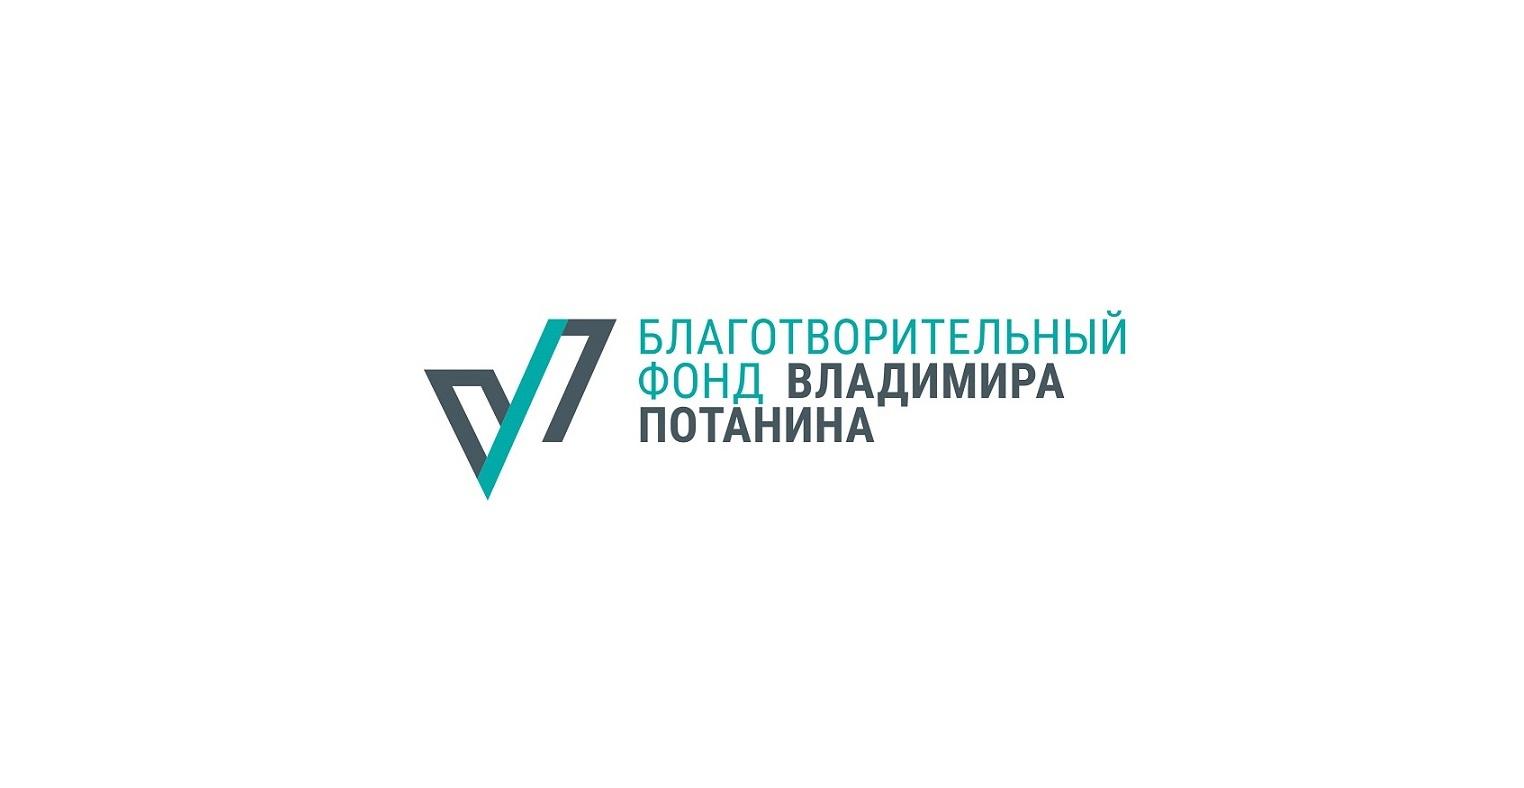 Стипендиальный конкурс фонда имени В. Потанина